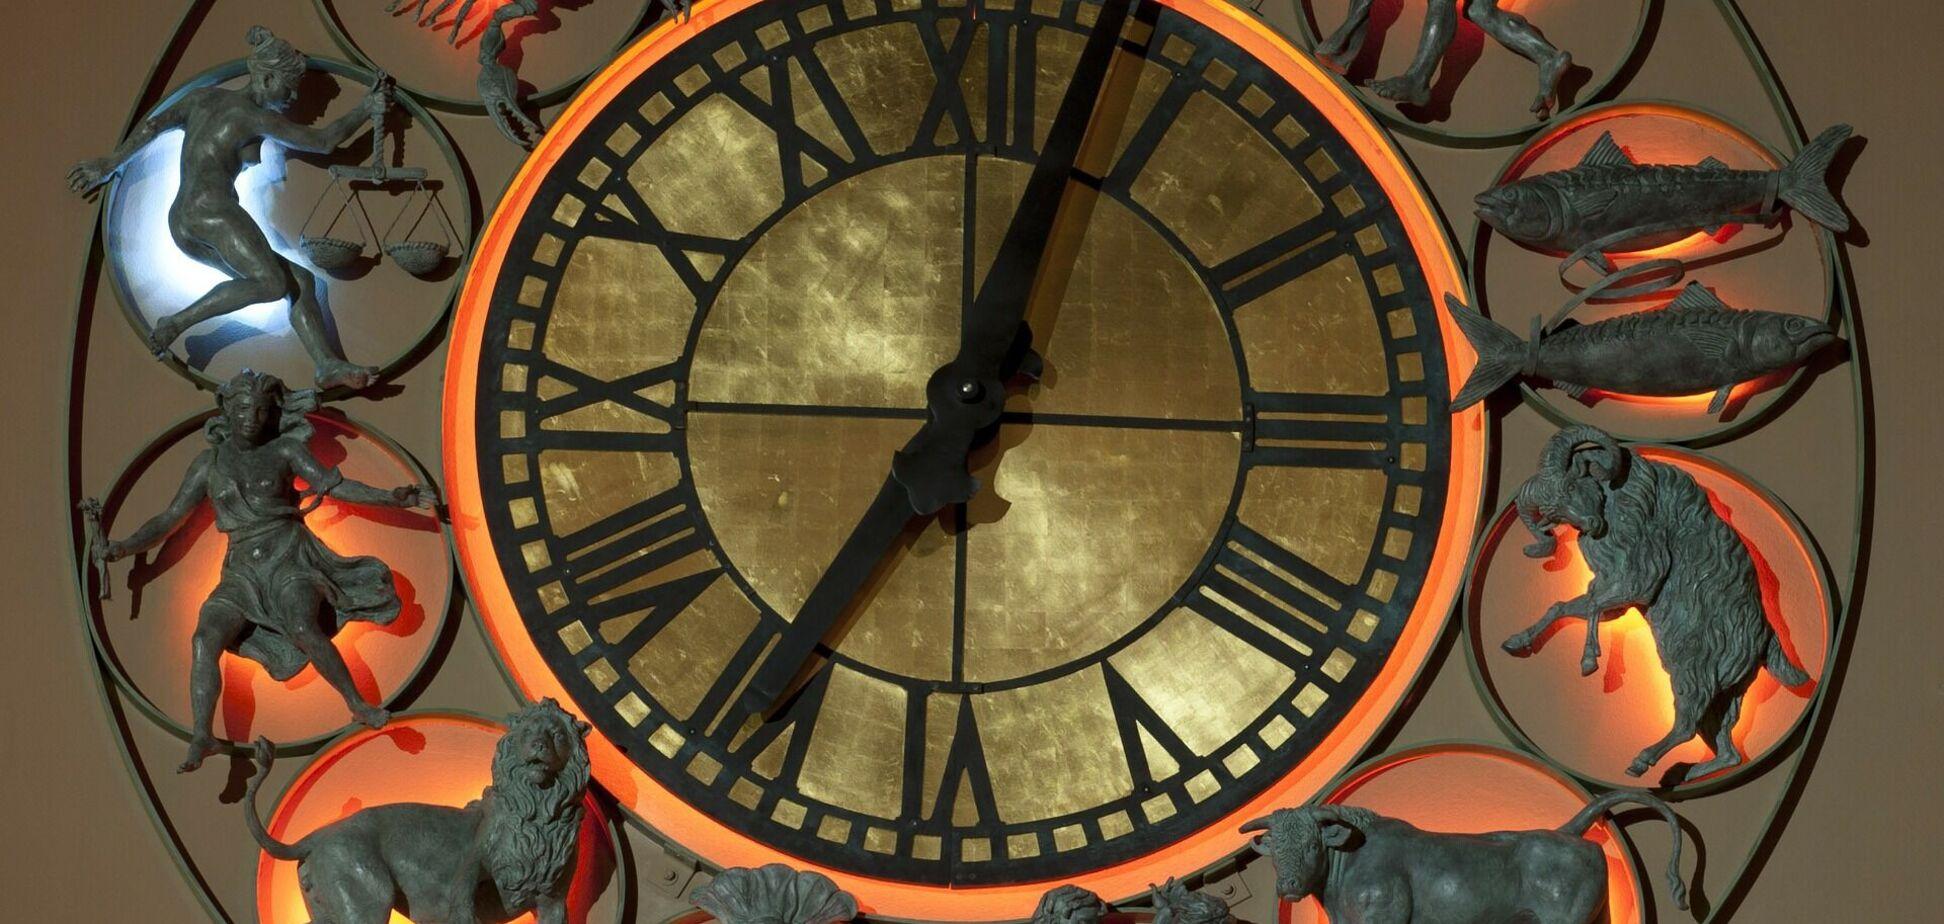 У лютому почнеться нова ера в історії України та всього світу: астрологиня дала прогноз